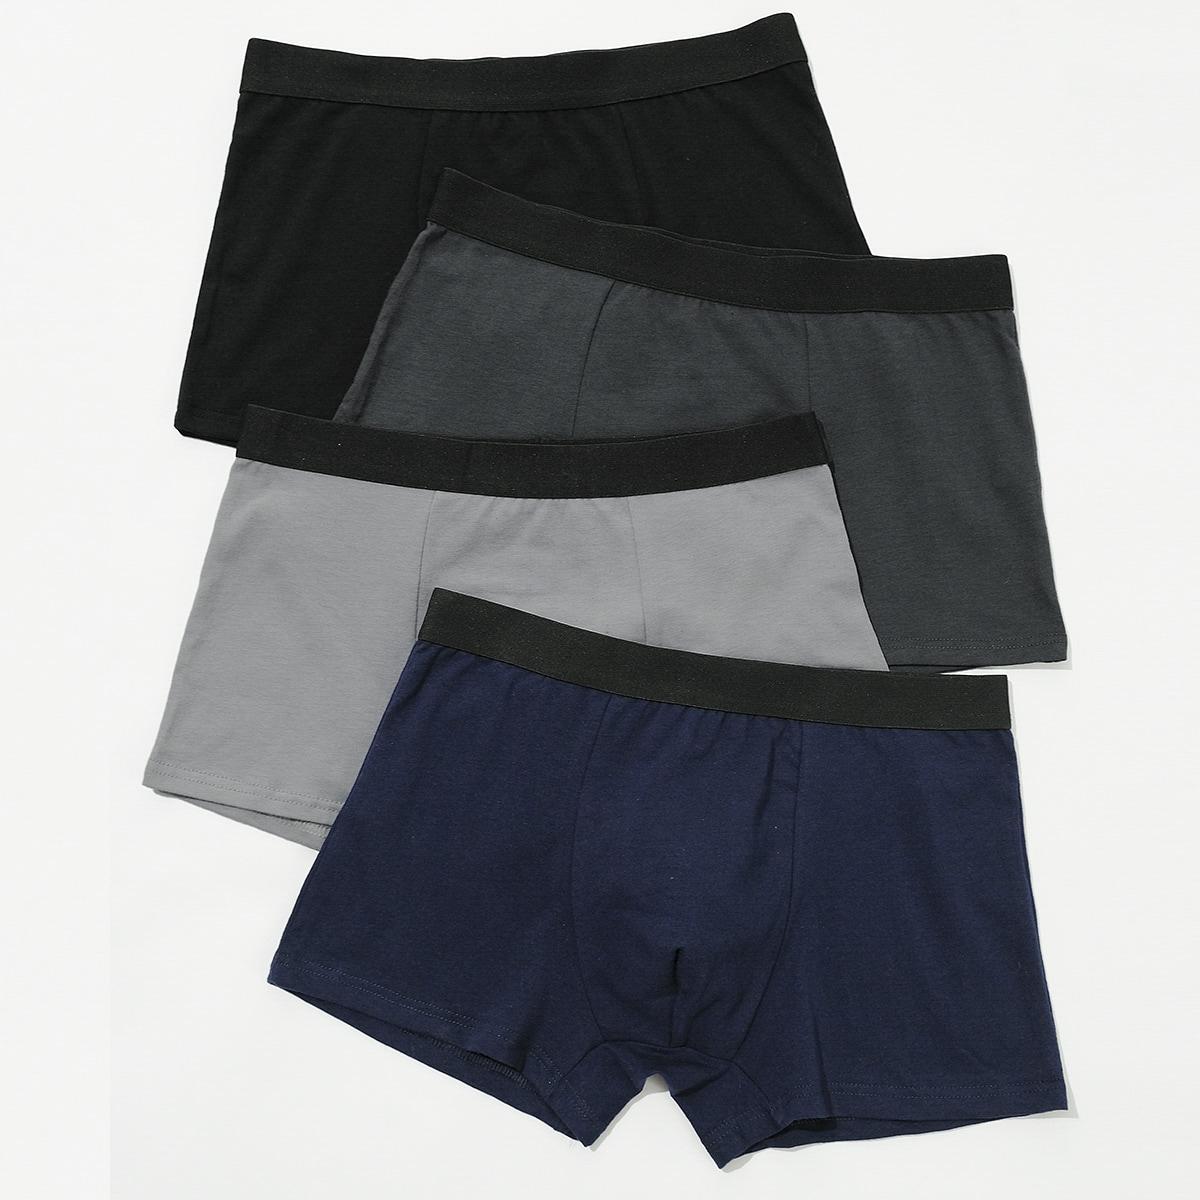 Многоцветный Цвет блок мода Повседневный Мужское нижнее белье от SHEIN